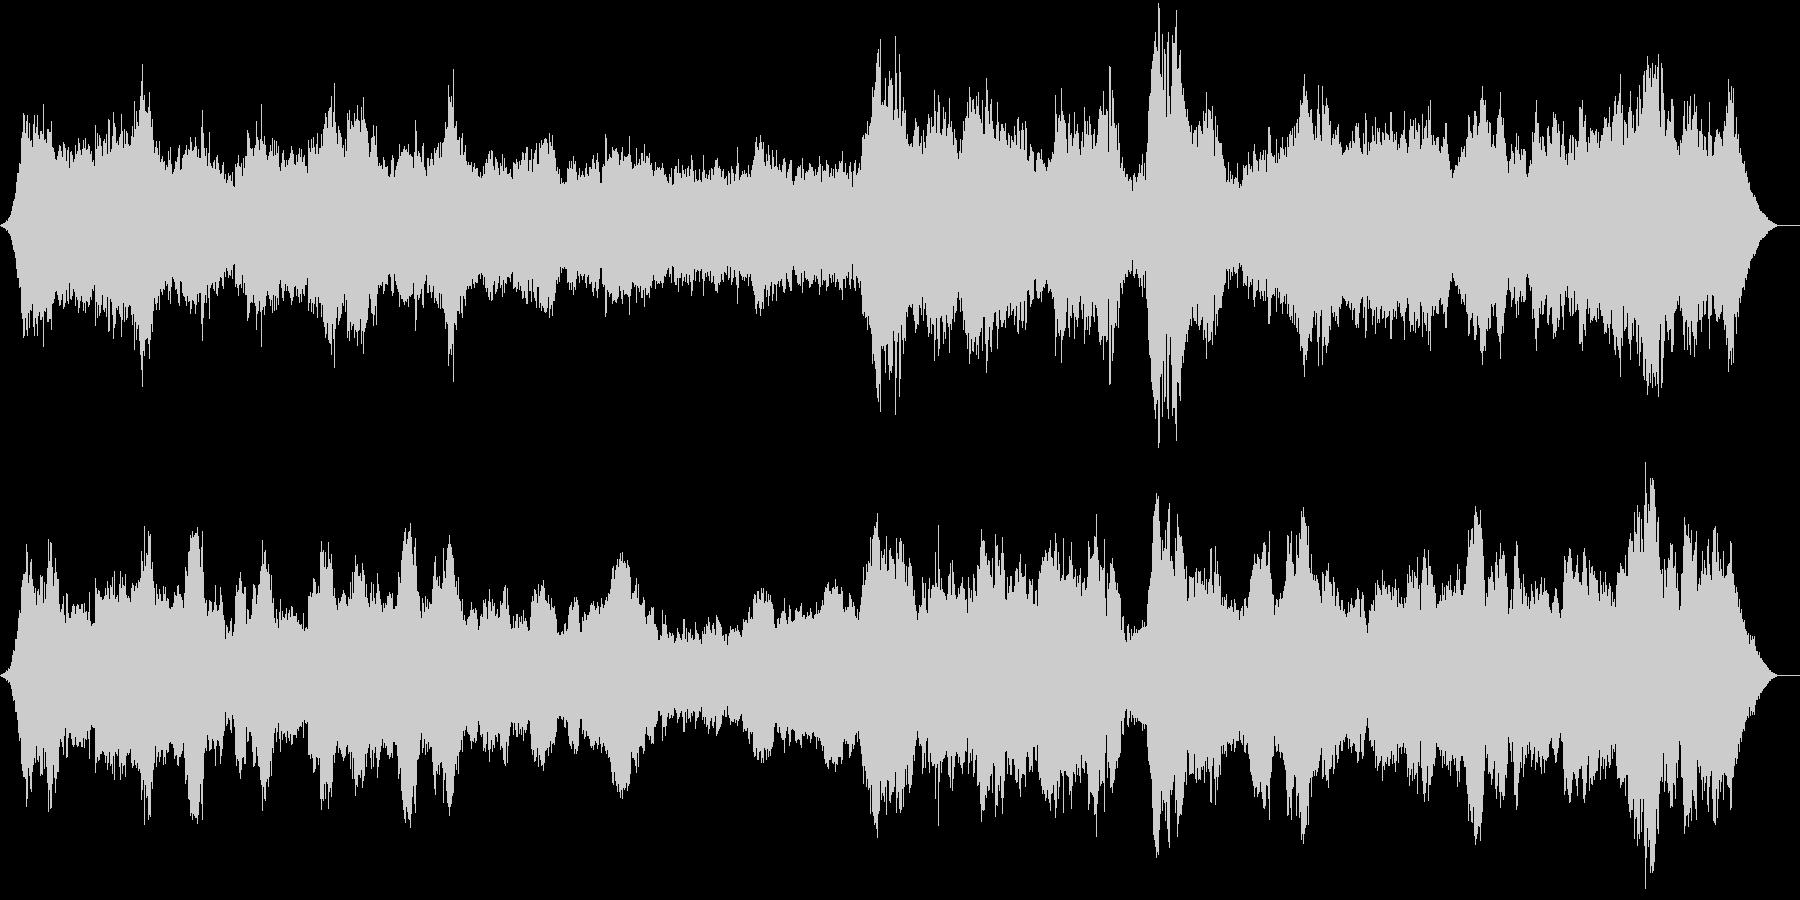 幻想的な映像向けのオーケストラの未再生の波形